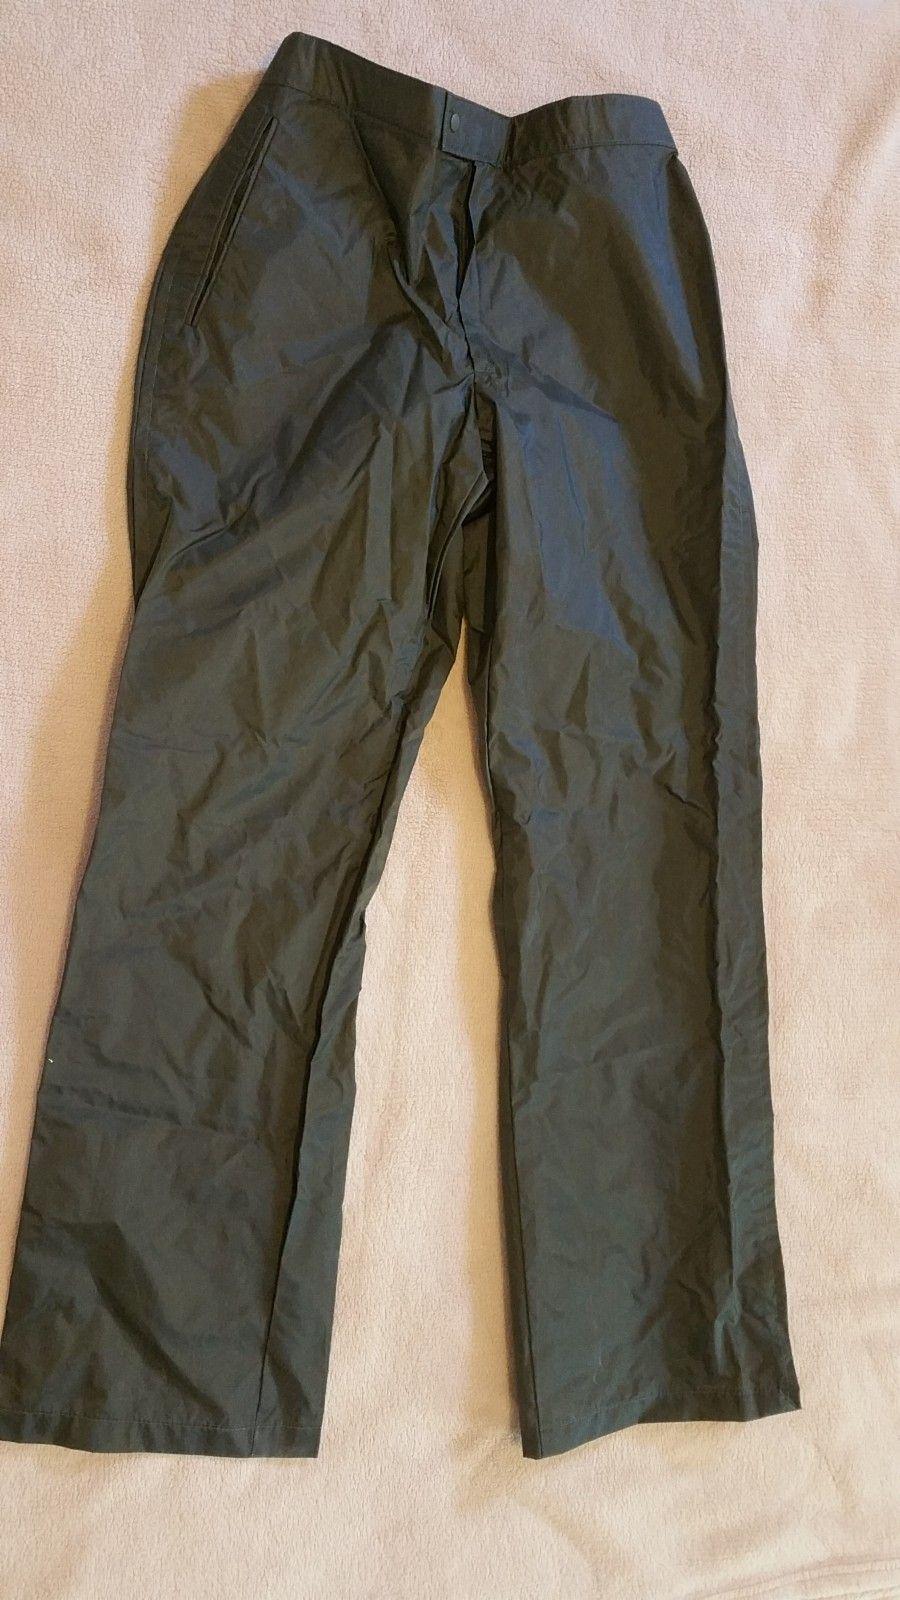 Militær regnklær, jakke og bukser, str S (36), unisex. - Kirkenes  - Militær regnklær, jakke og bukser, str S (36), unisex, kjøpt i USA. - Kirkenes